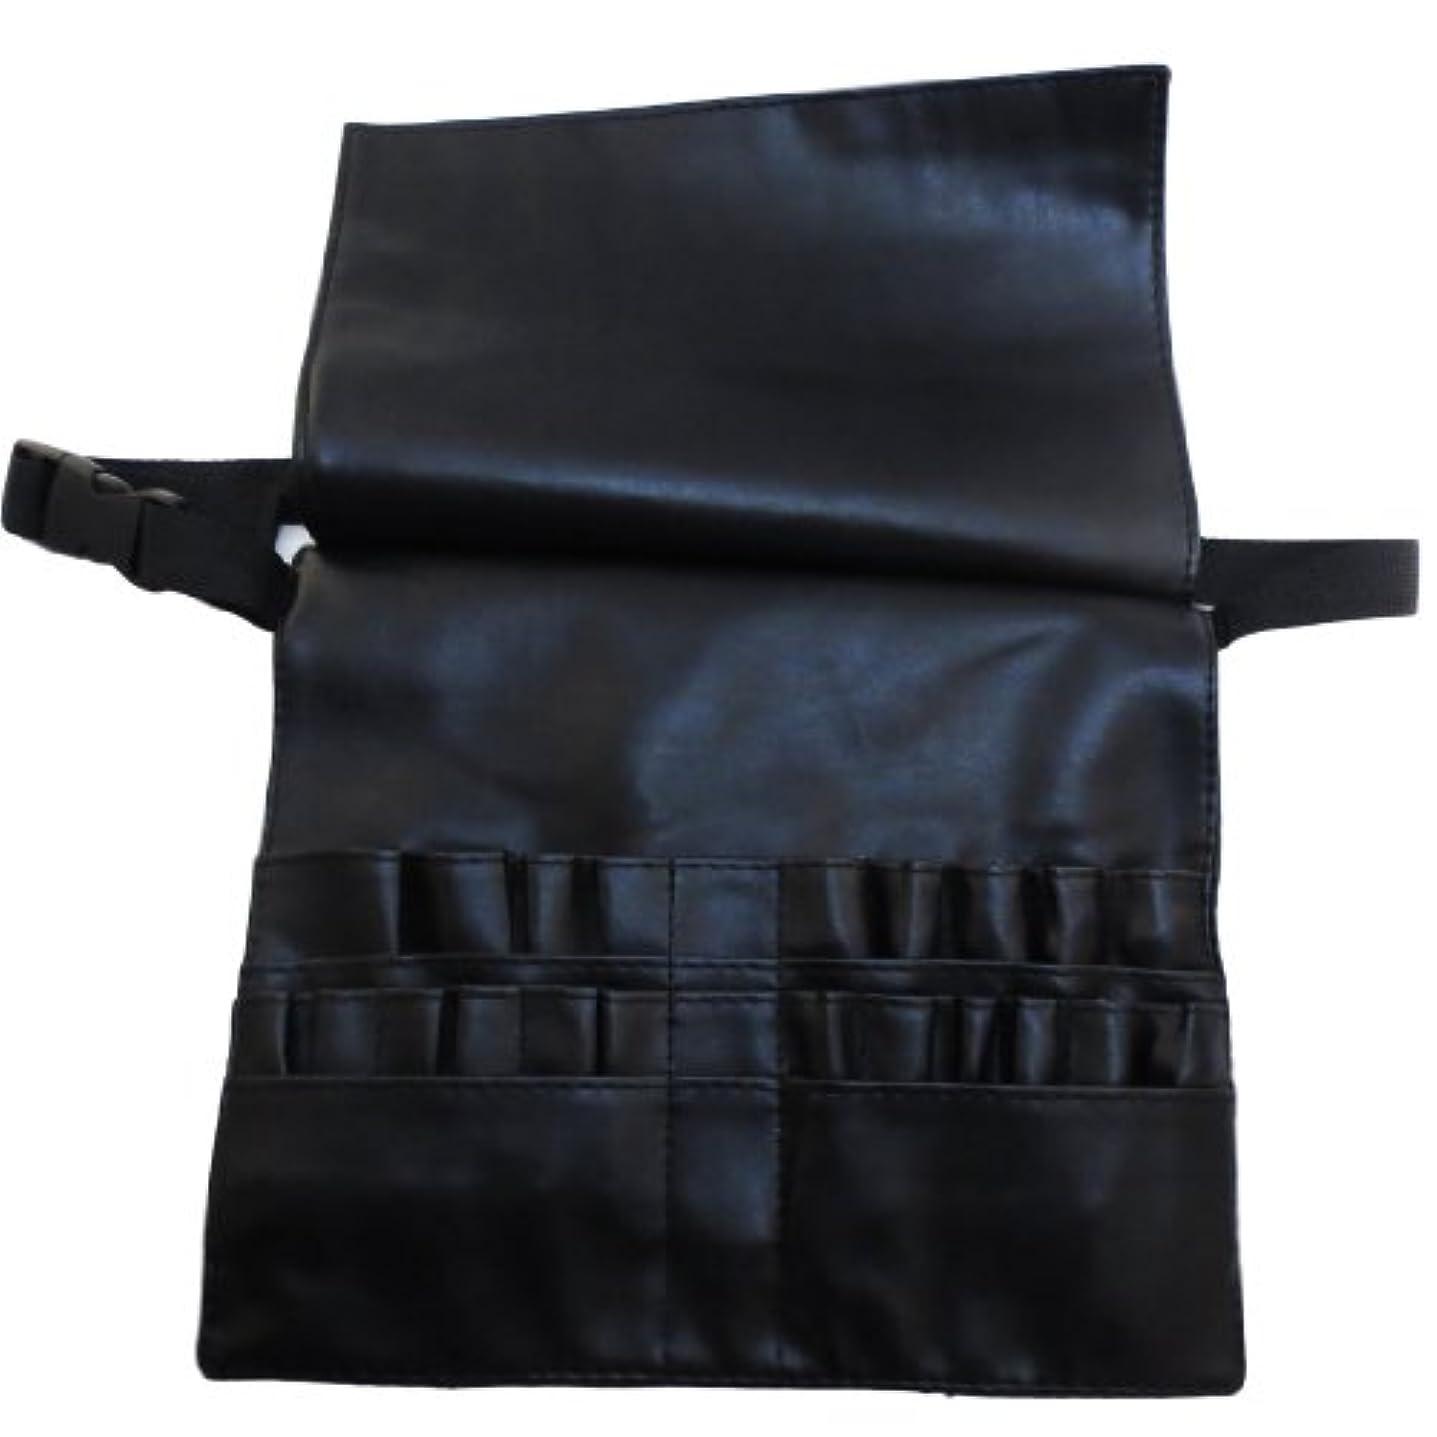 解釈的石灰岩オリエント[モノジー] MONOZY メイクブラシ ケース 蓋付き プロ用 腰巻き メイク バッグ カラビナ セット